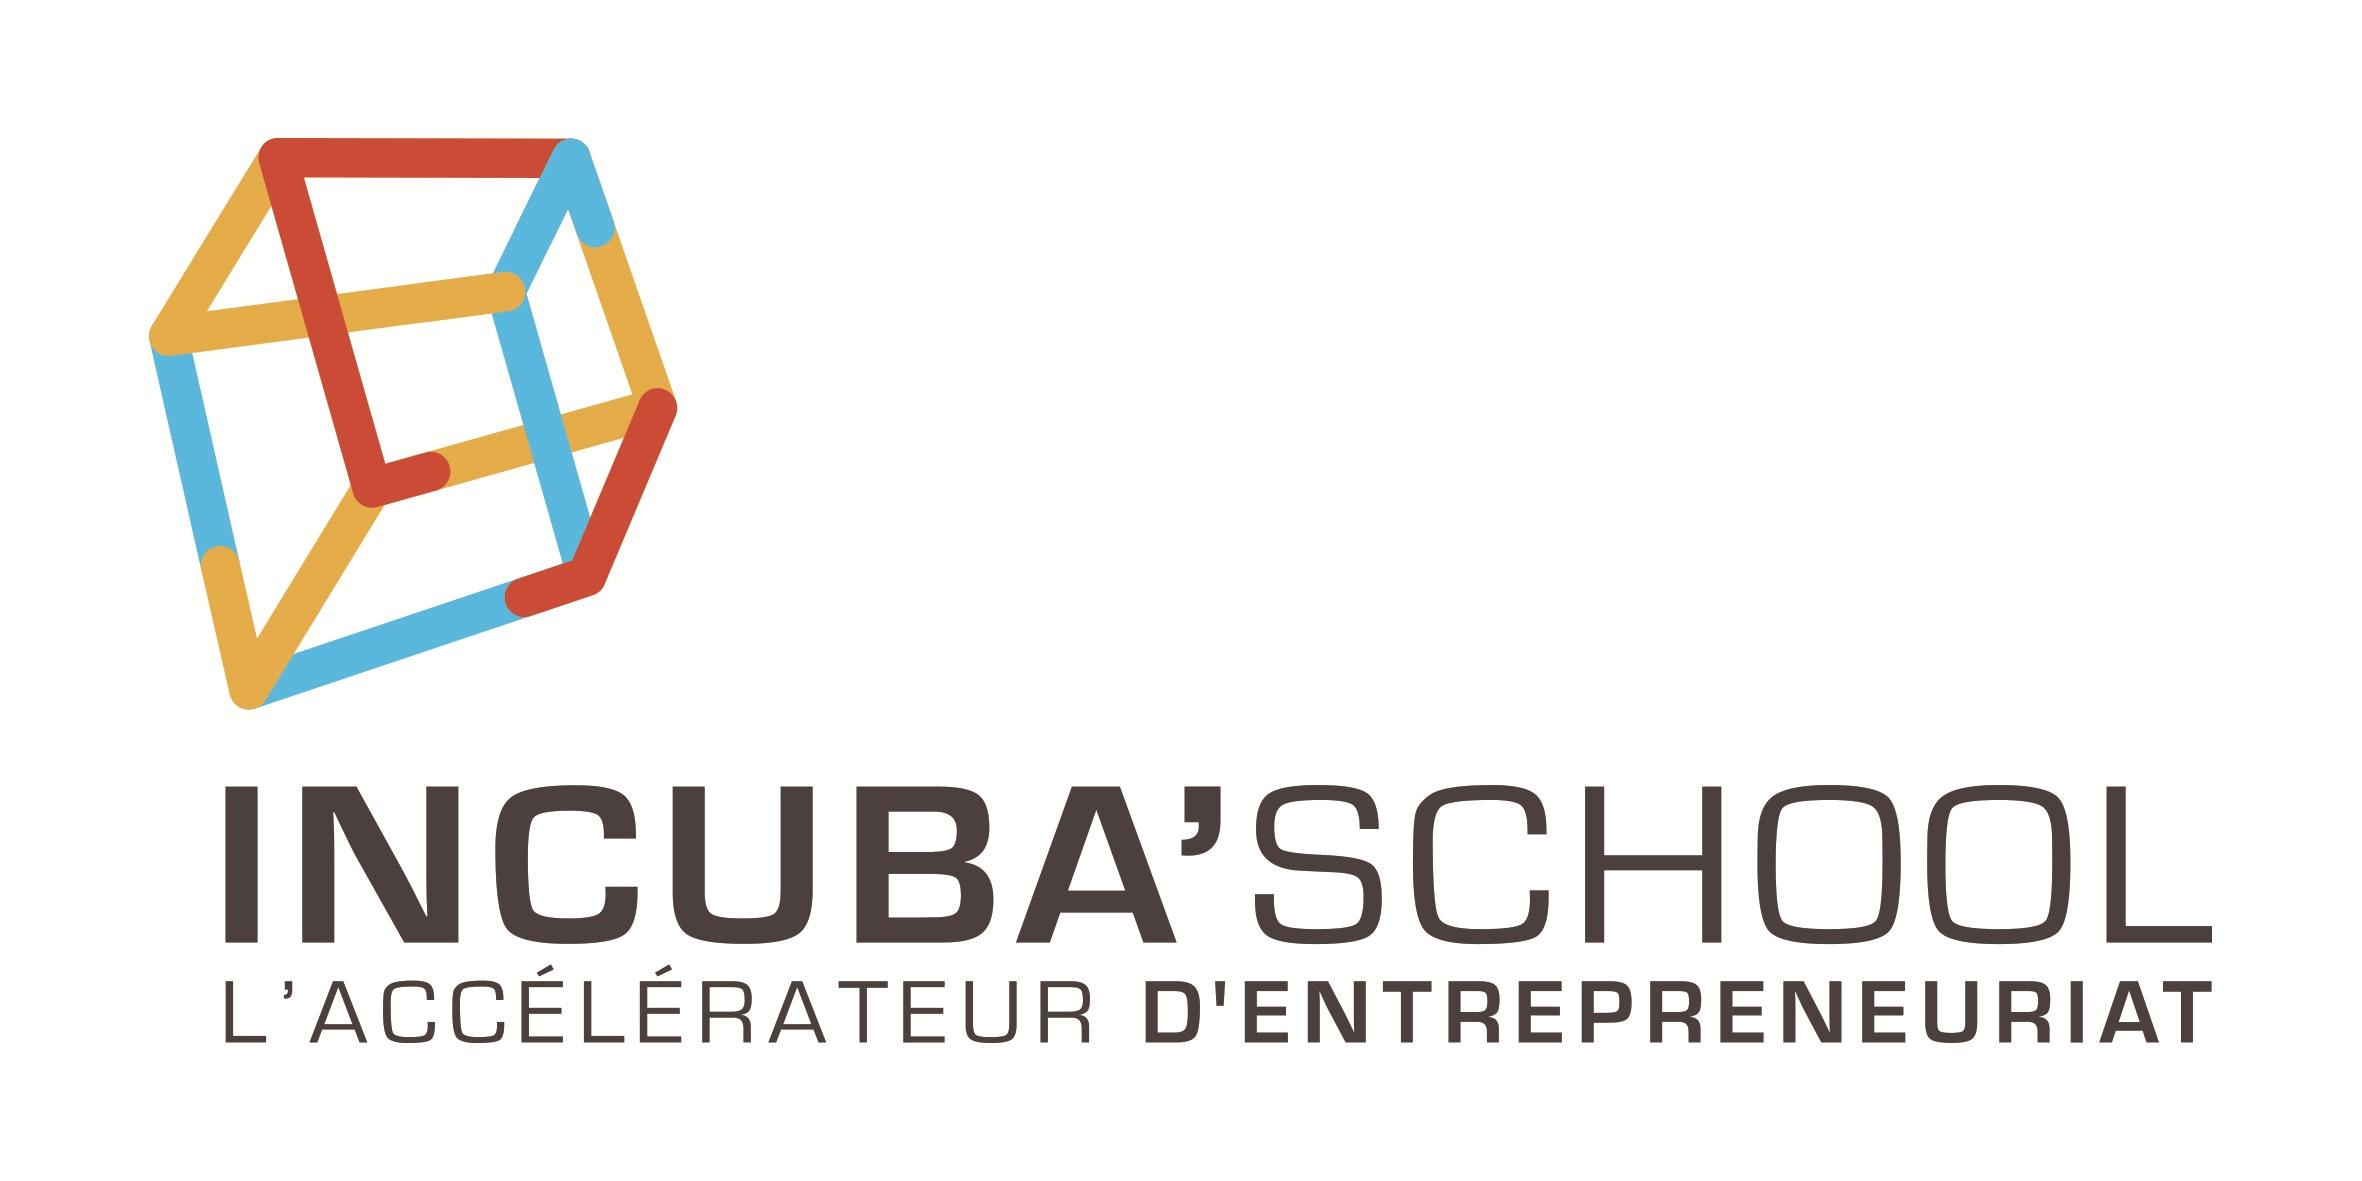 Incubaschool